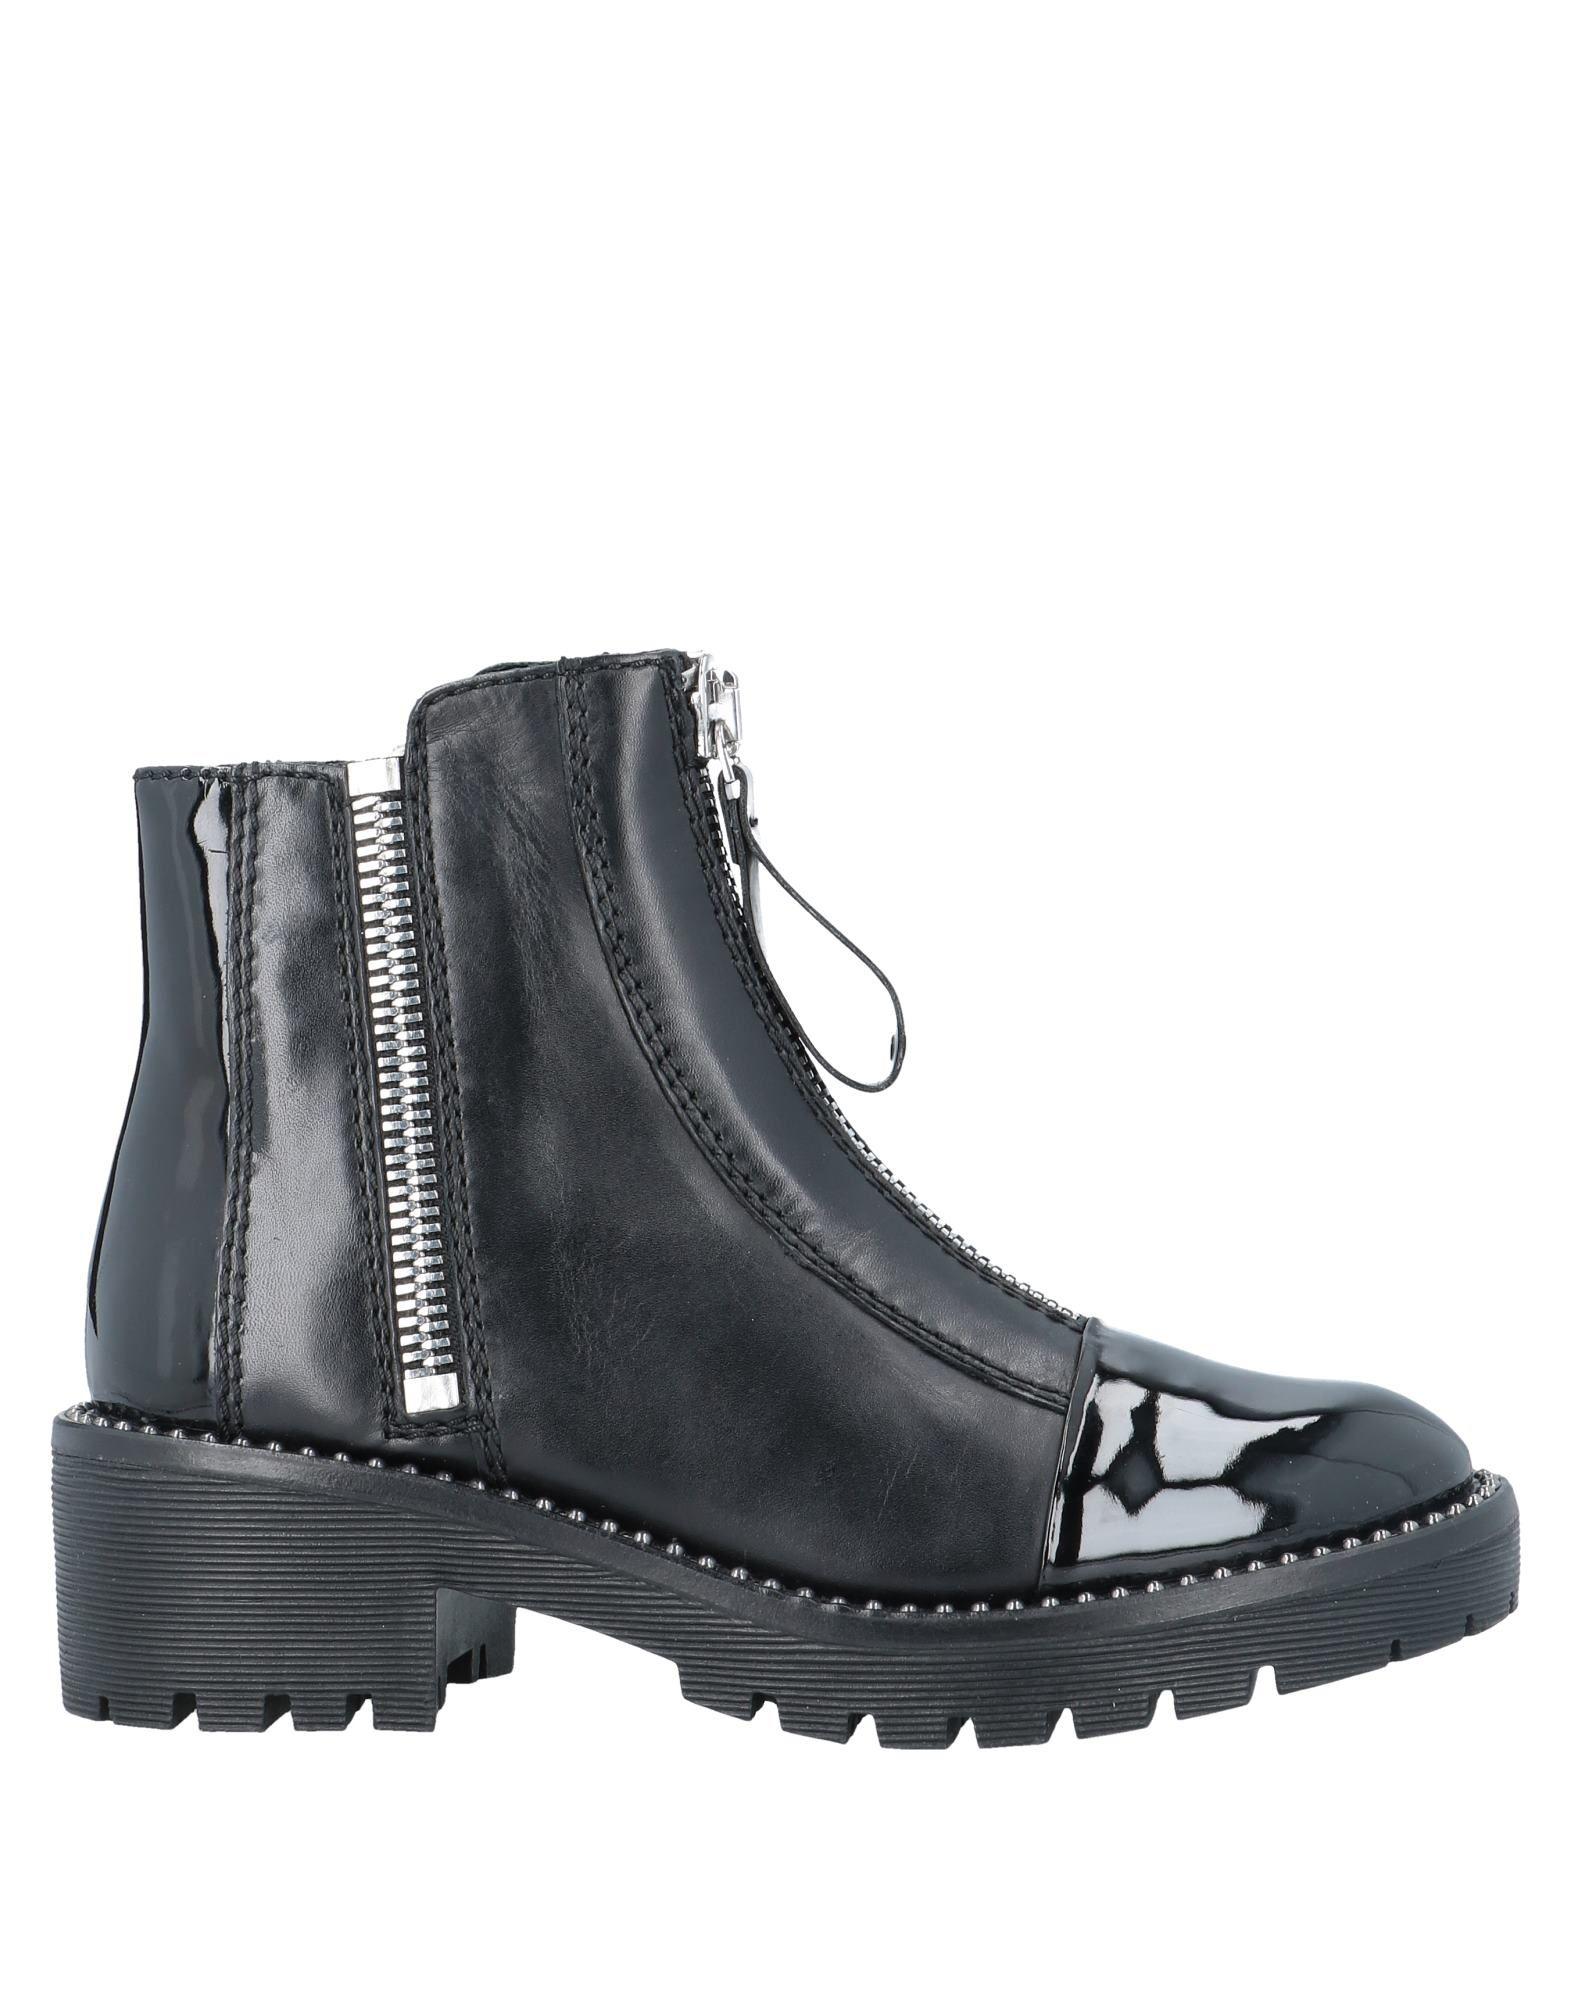 《期間限定セール中》APEPAZZA レディース ショートブーツ ブラック 36 革 / 紡績繊維